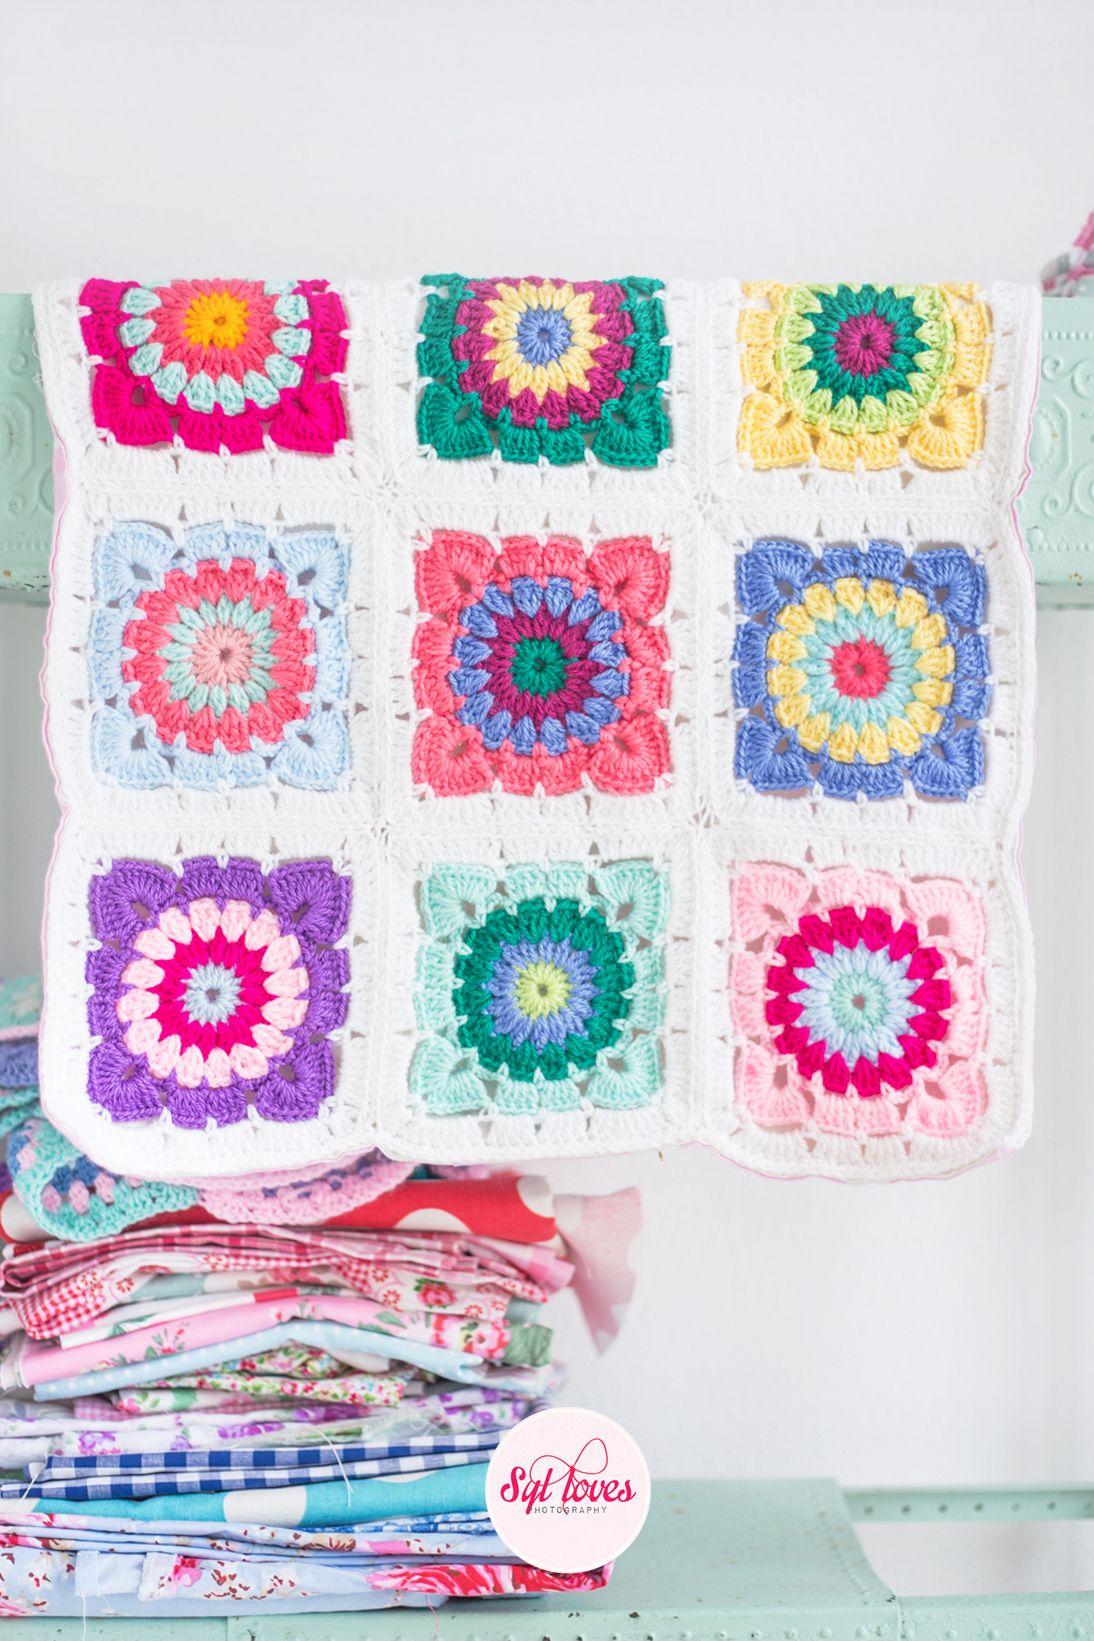 Syl loves, happy handmade | Crochet Blanket Inspiration | Pinterest ...